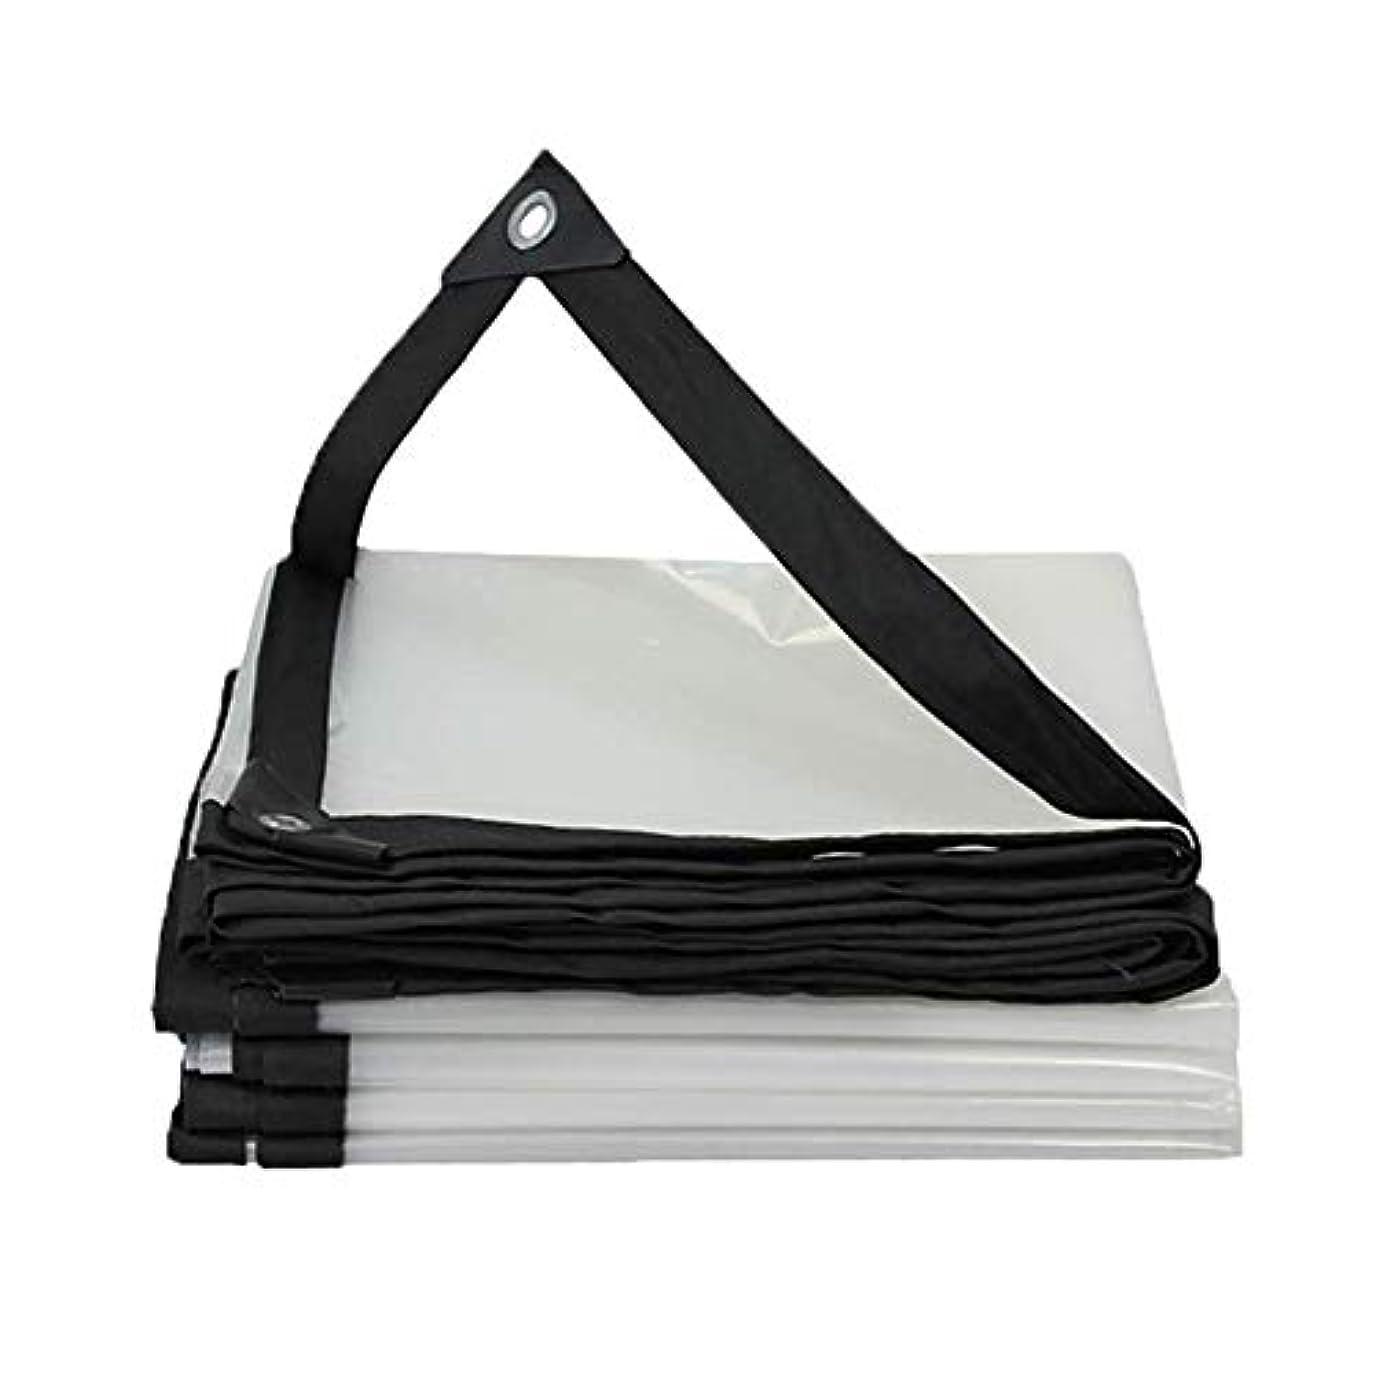 一月膨らませるツール19-yiruculture 防水防水シート、透明な日よけ、バルコニー窓防雨防水ポンチョ家庭用多目的テント (サイズ : 2x2M)